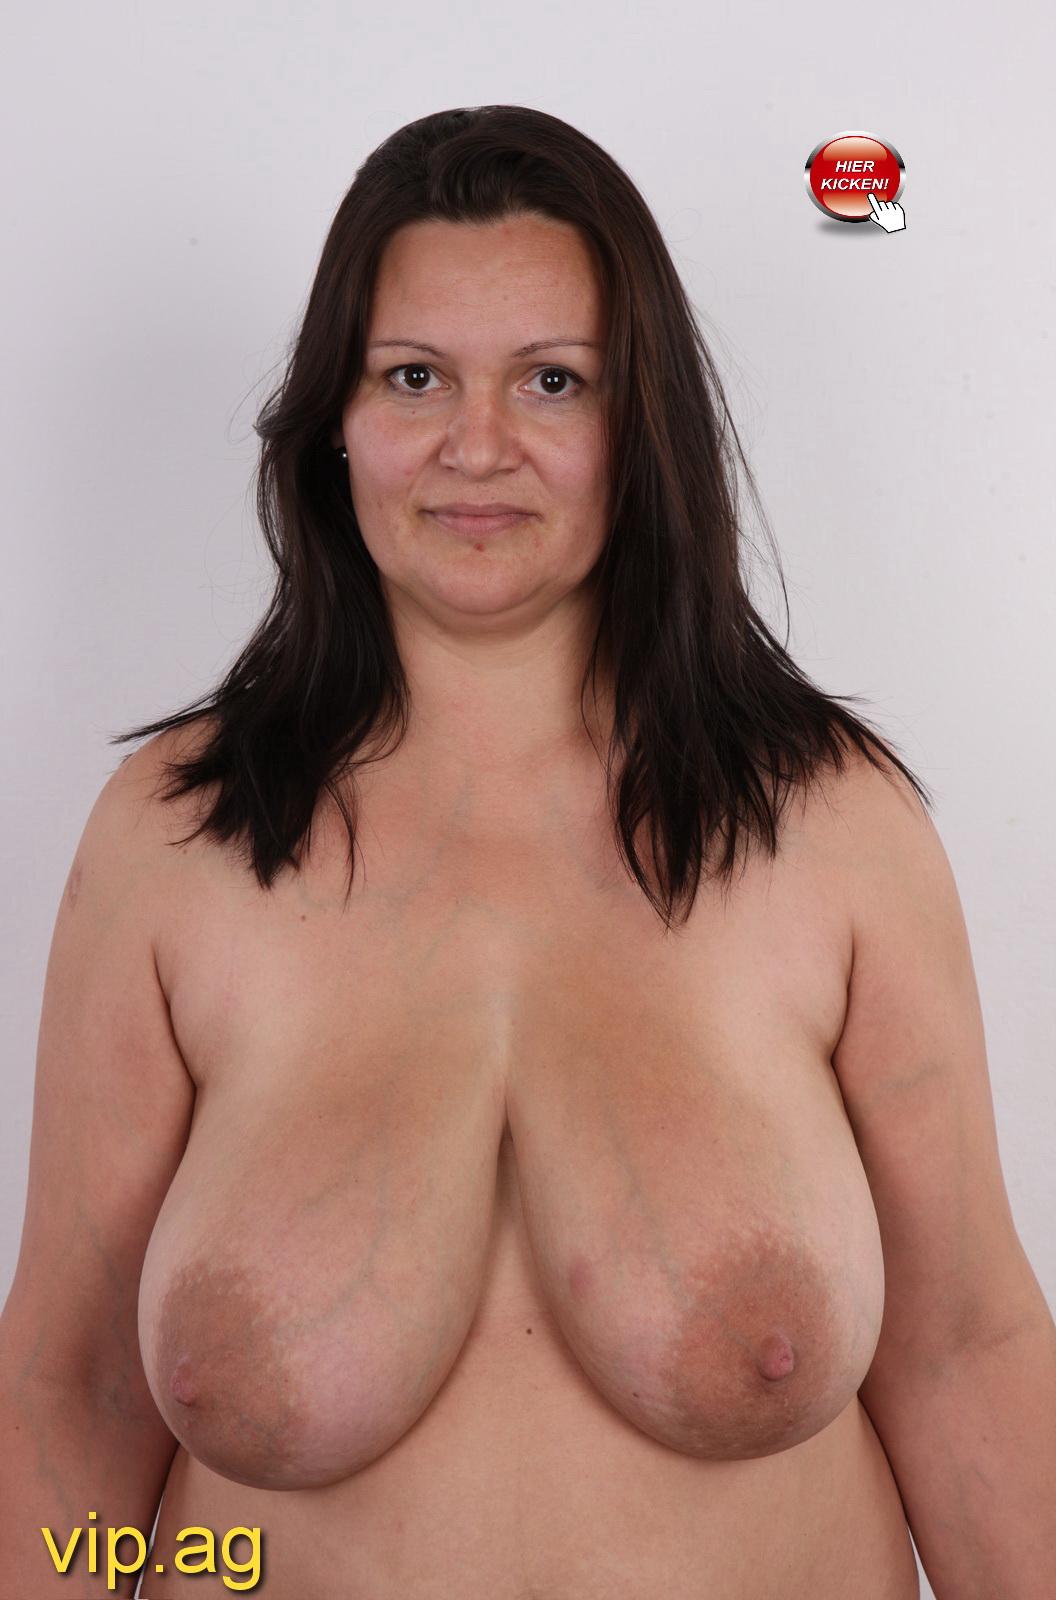 schwere Brüste Luise